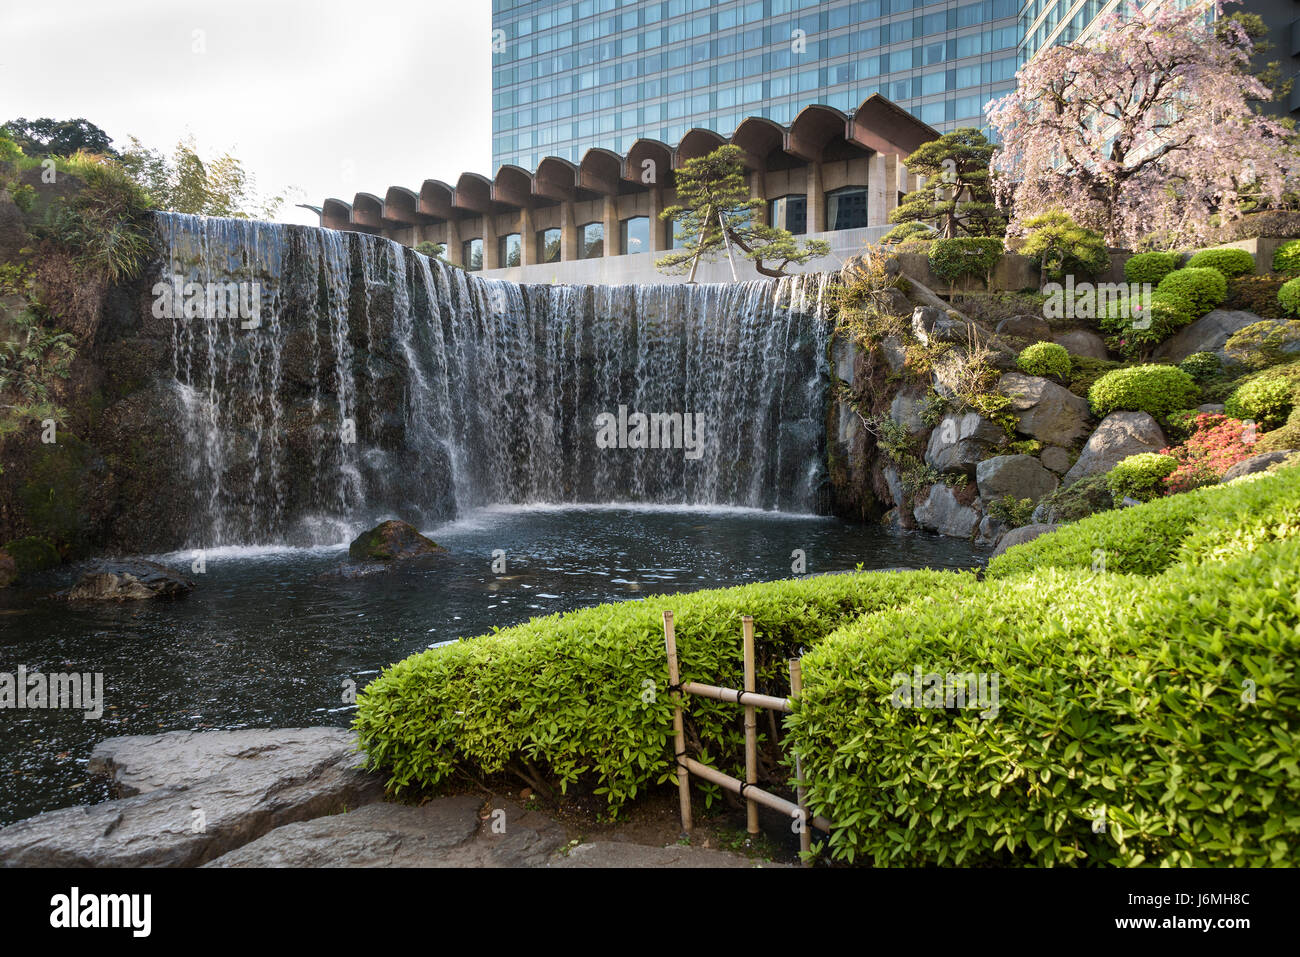 New Otani Hotel Japanese Gardens. Typisch japanische Garten im Zentrum von Tokio. Stockbild